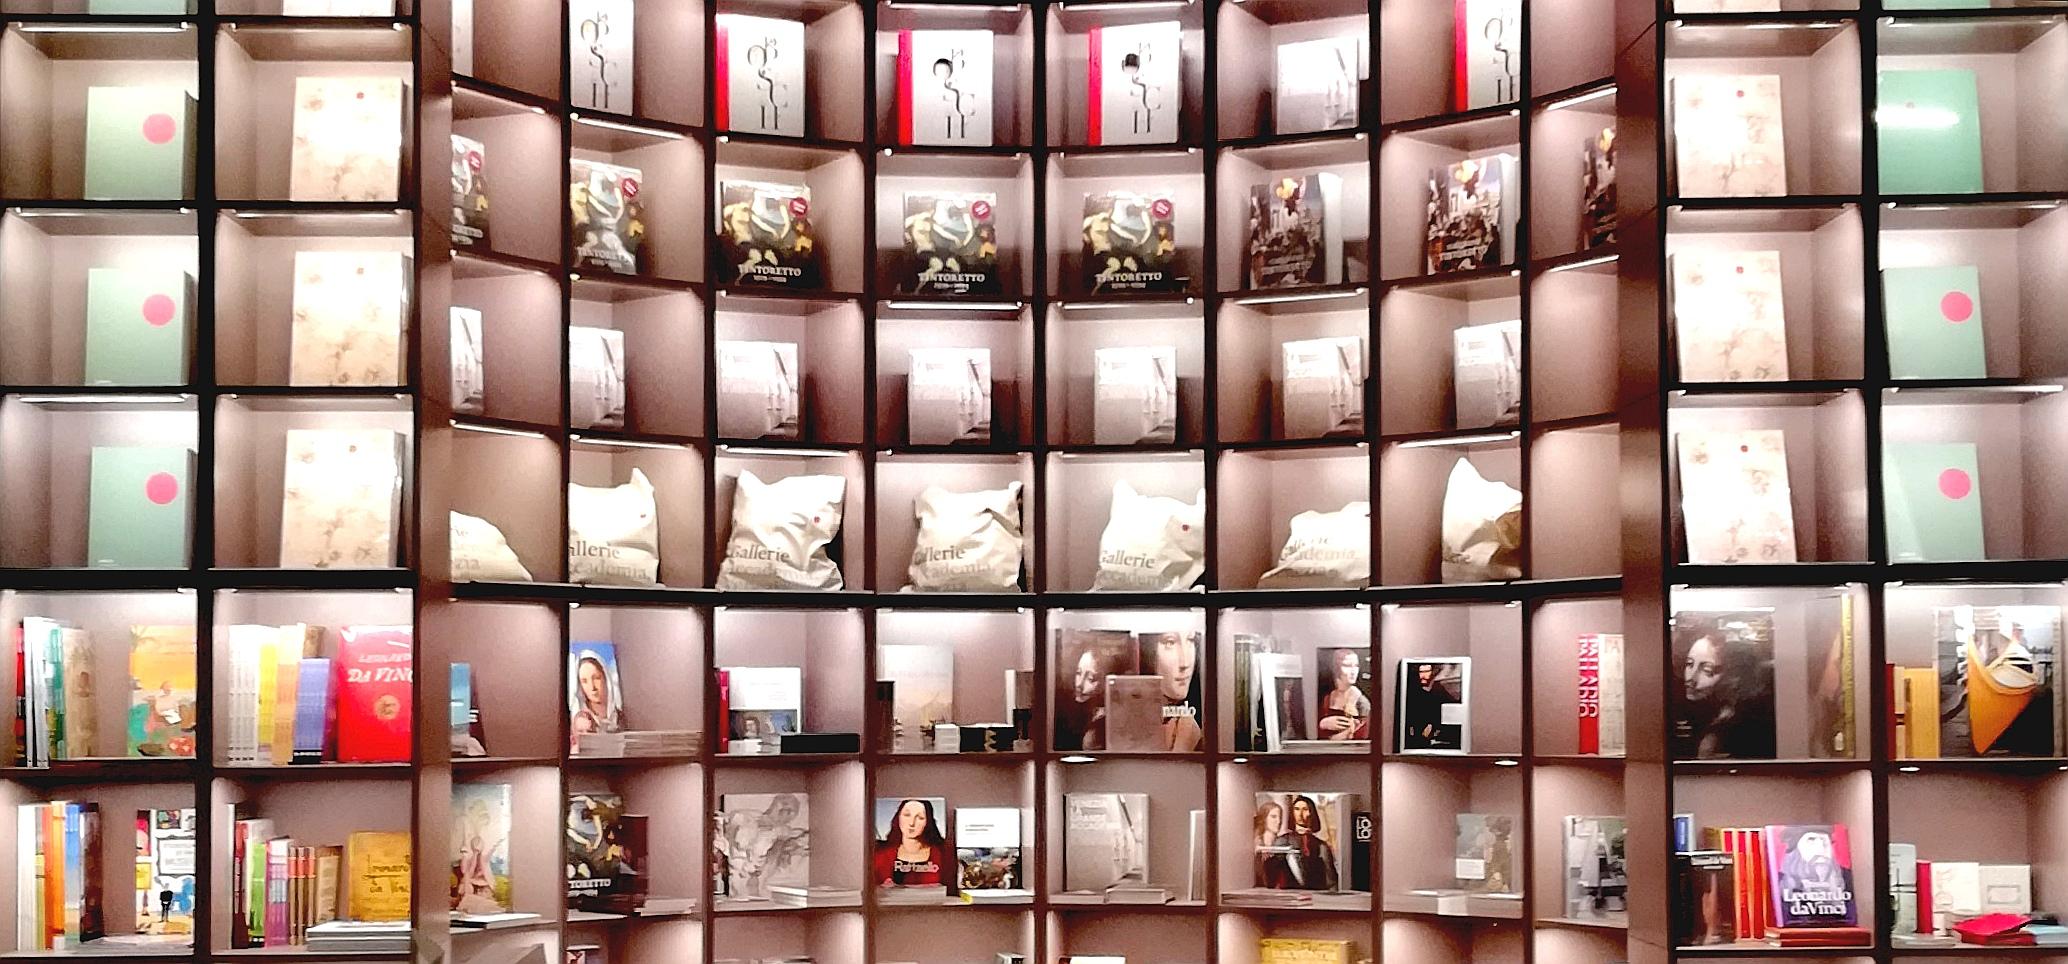 Plastic free, design e amore per i libri. La nuova accoglienza coi fiocchi delle Gallerie dell'Accademia di Venezia